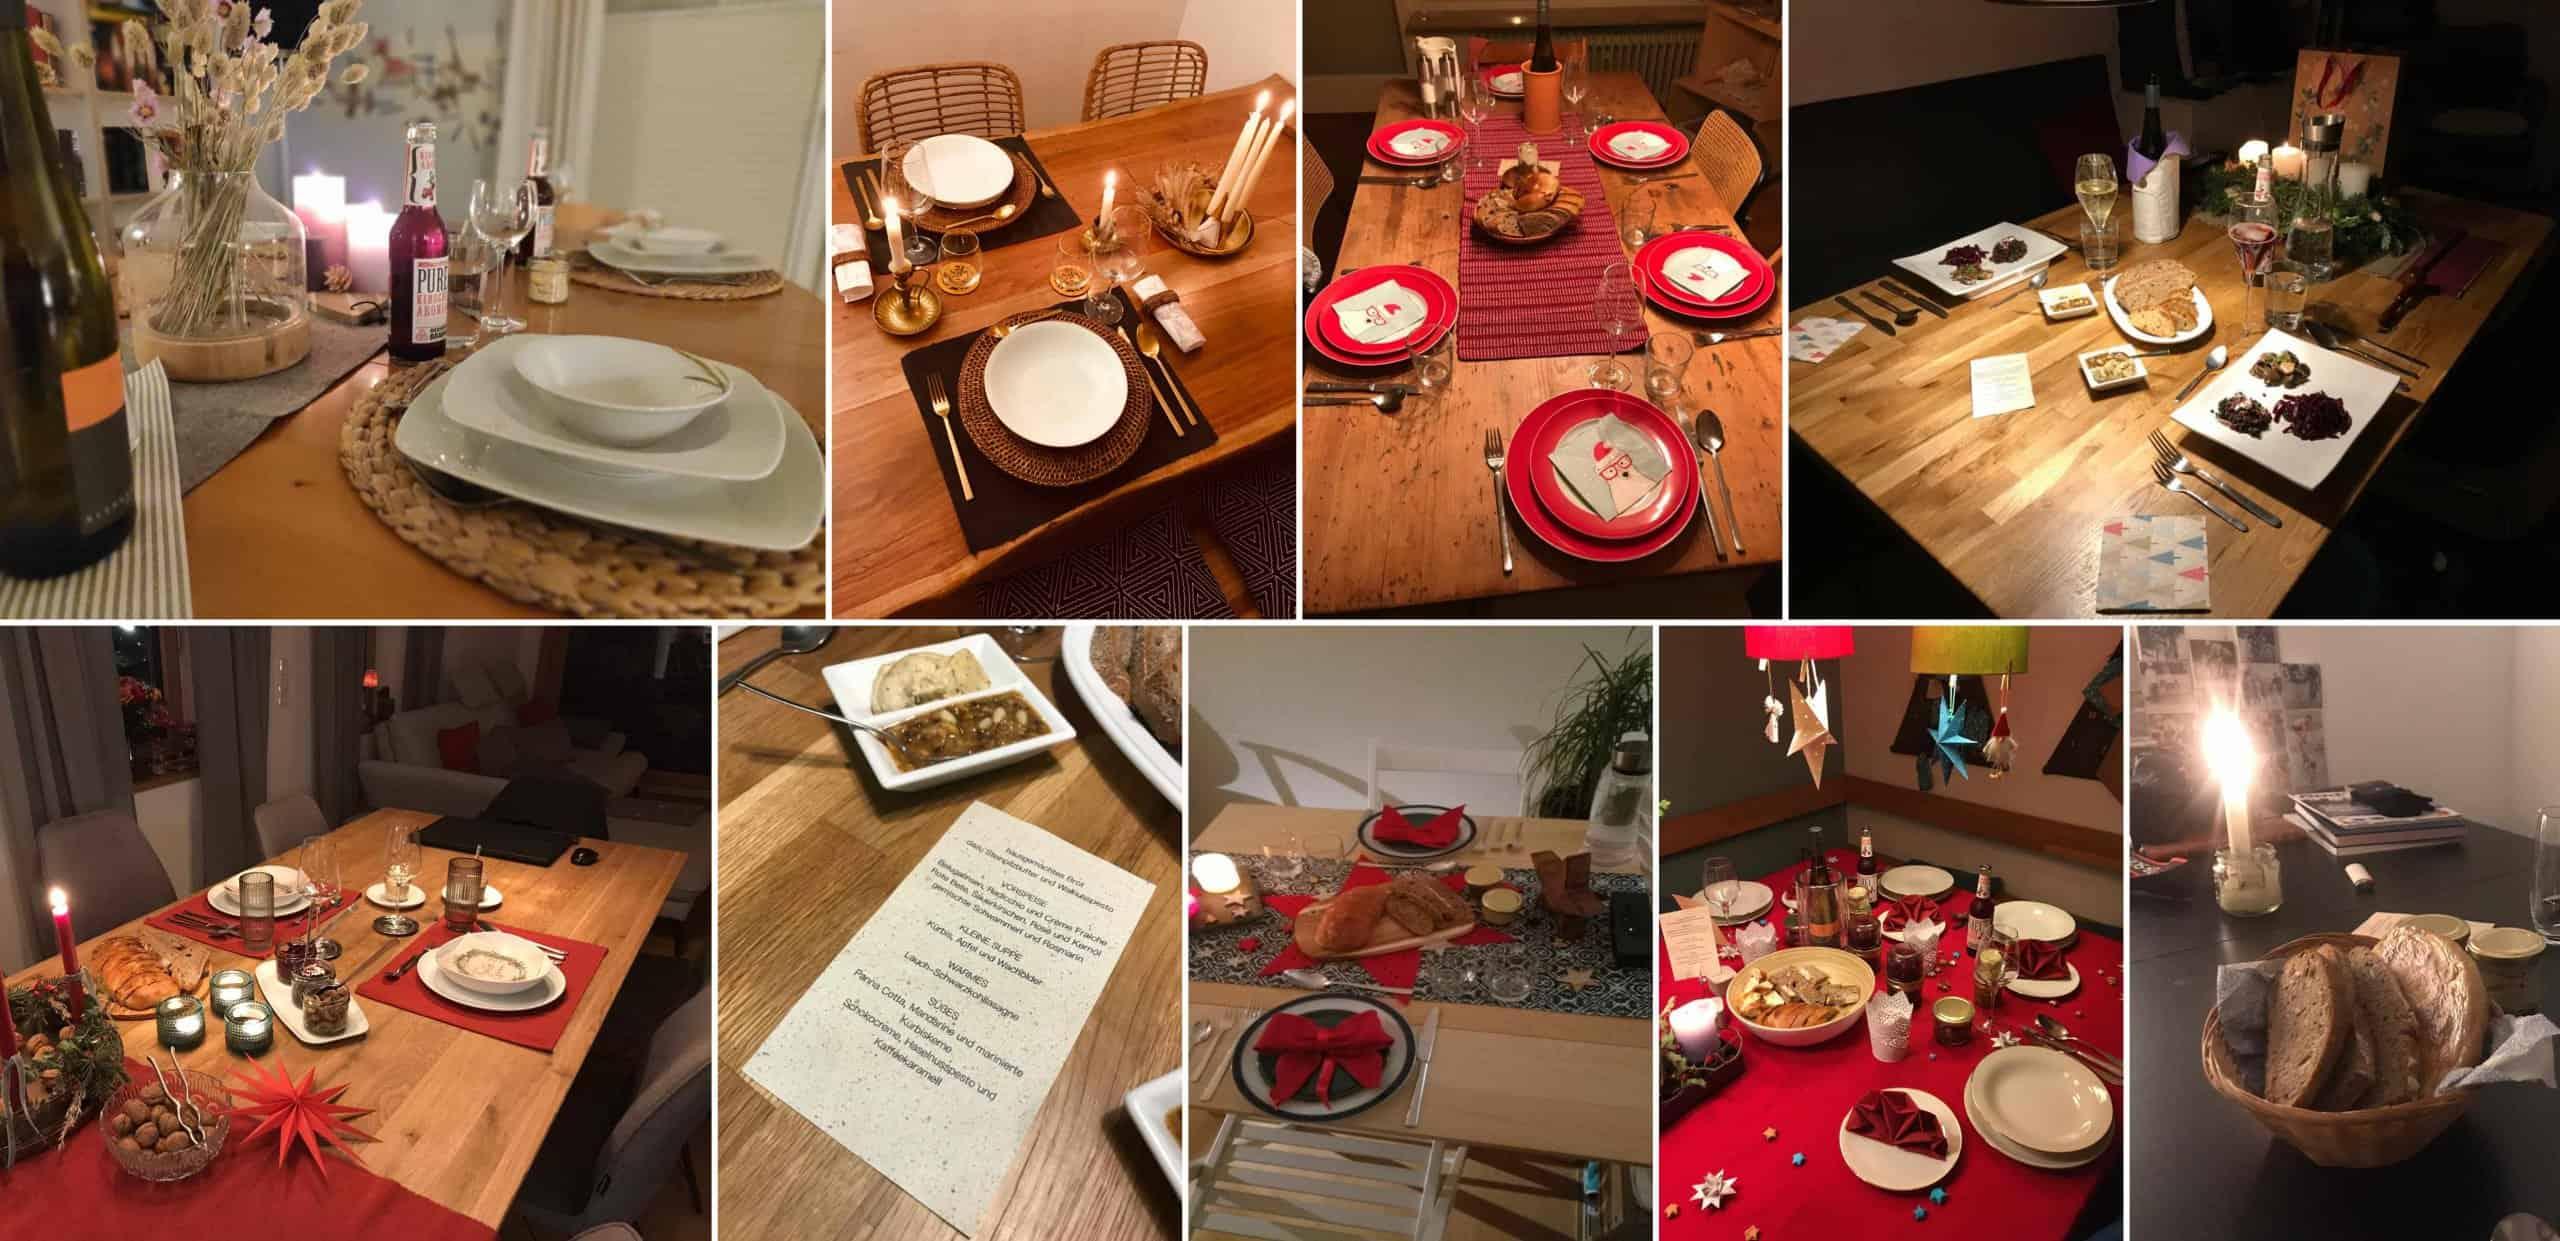 Bild: Digitale Weihnachtsfeier, festlich gedeckte Weihnachtstische, Fotos: ver.de landschaftsarchitektur